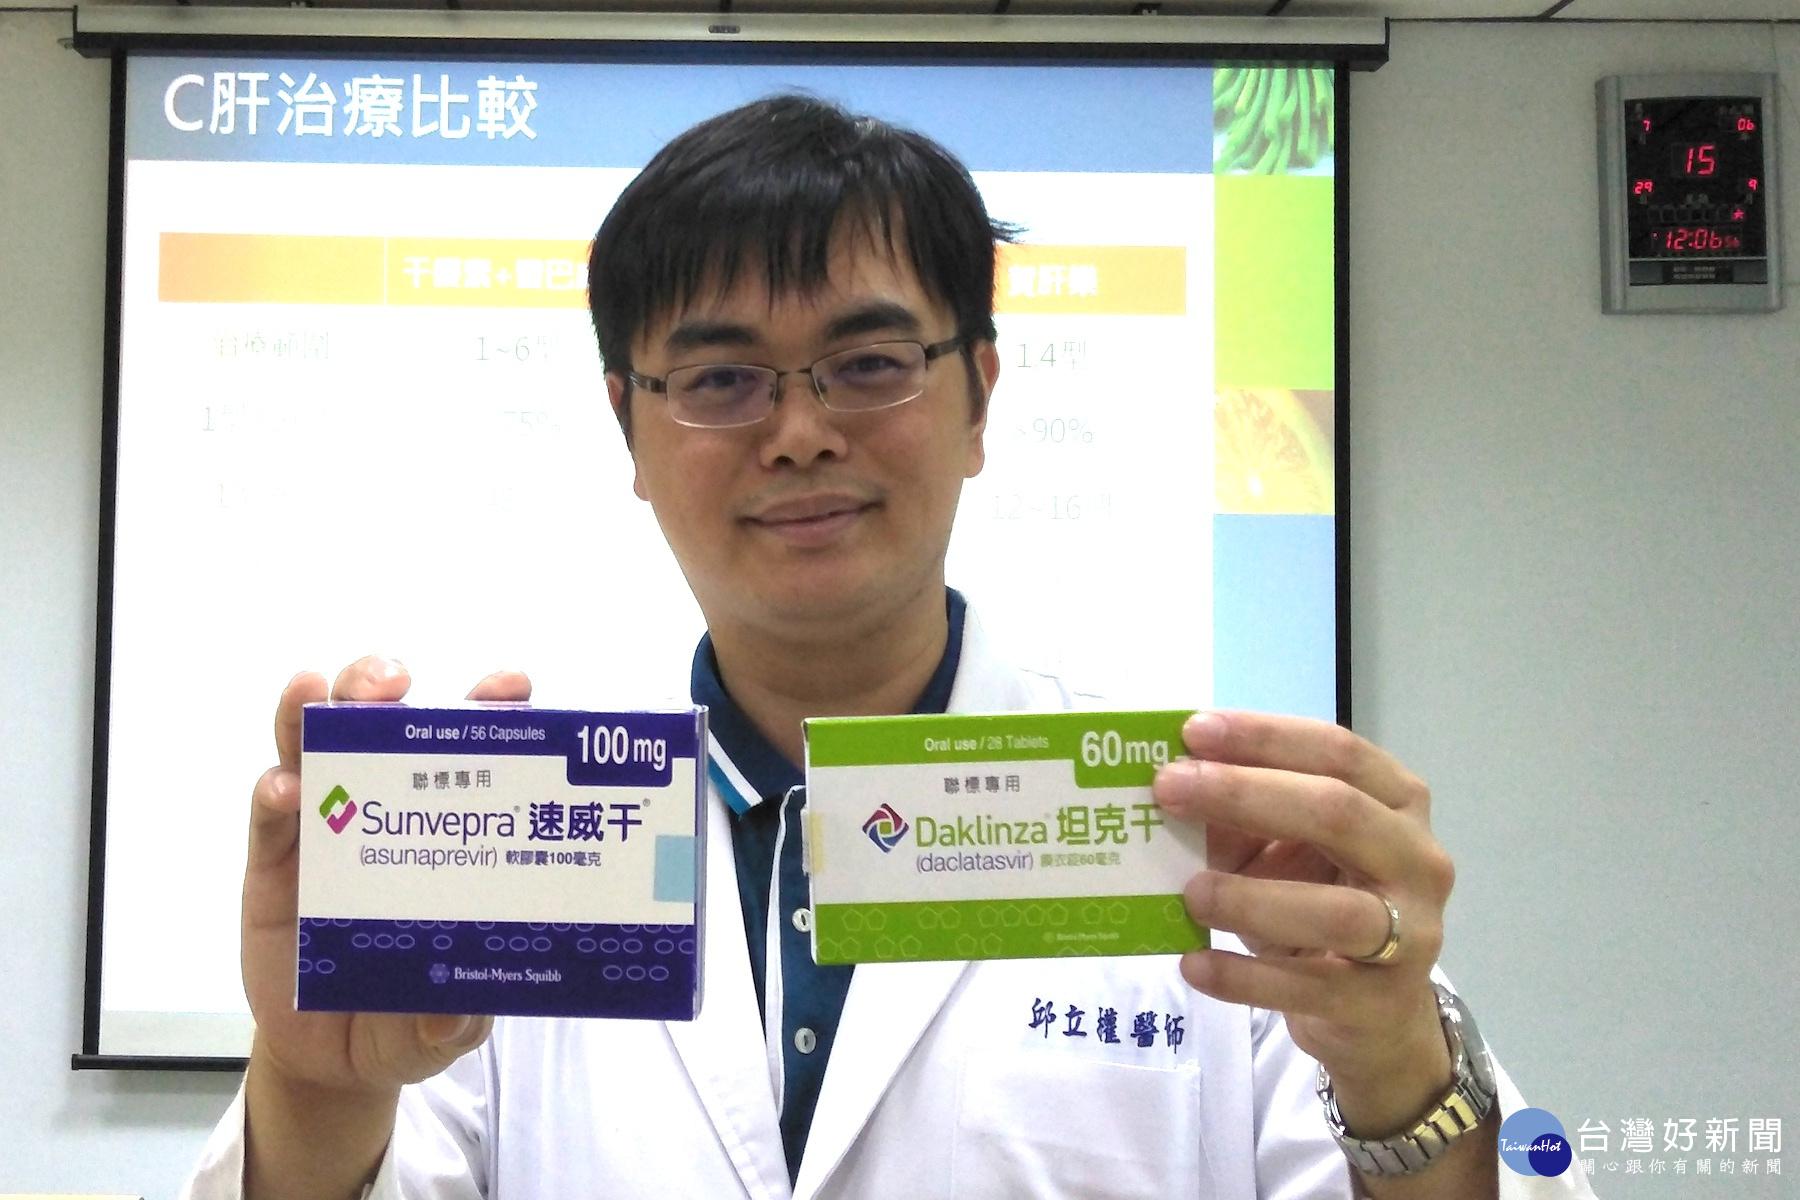 C肝帶原者 醫師:2~24%病患20年內可能肝硬化